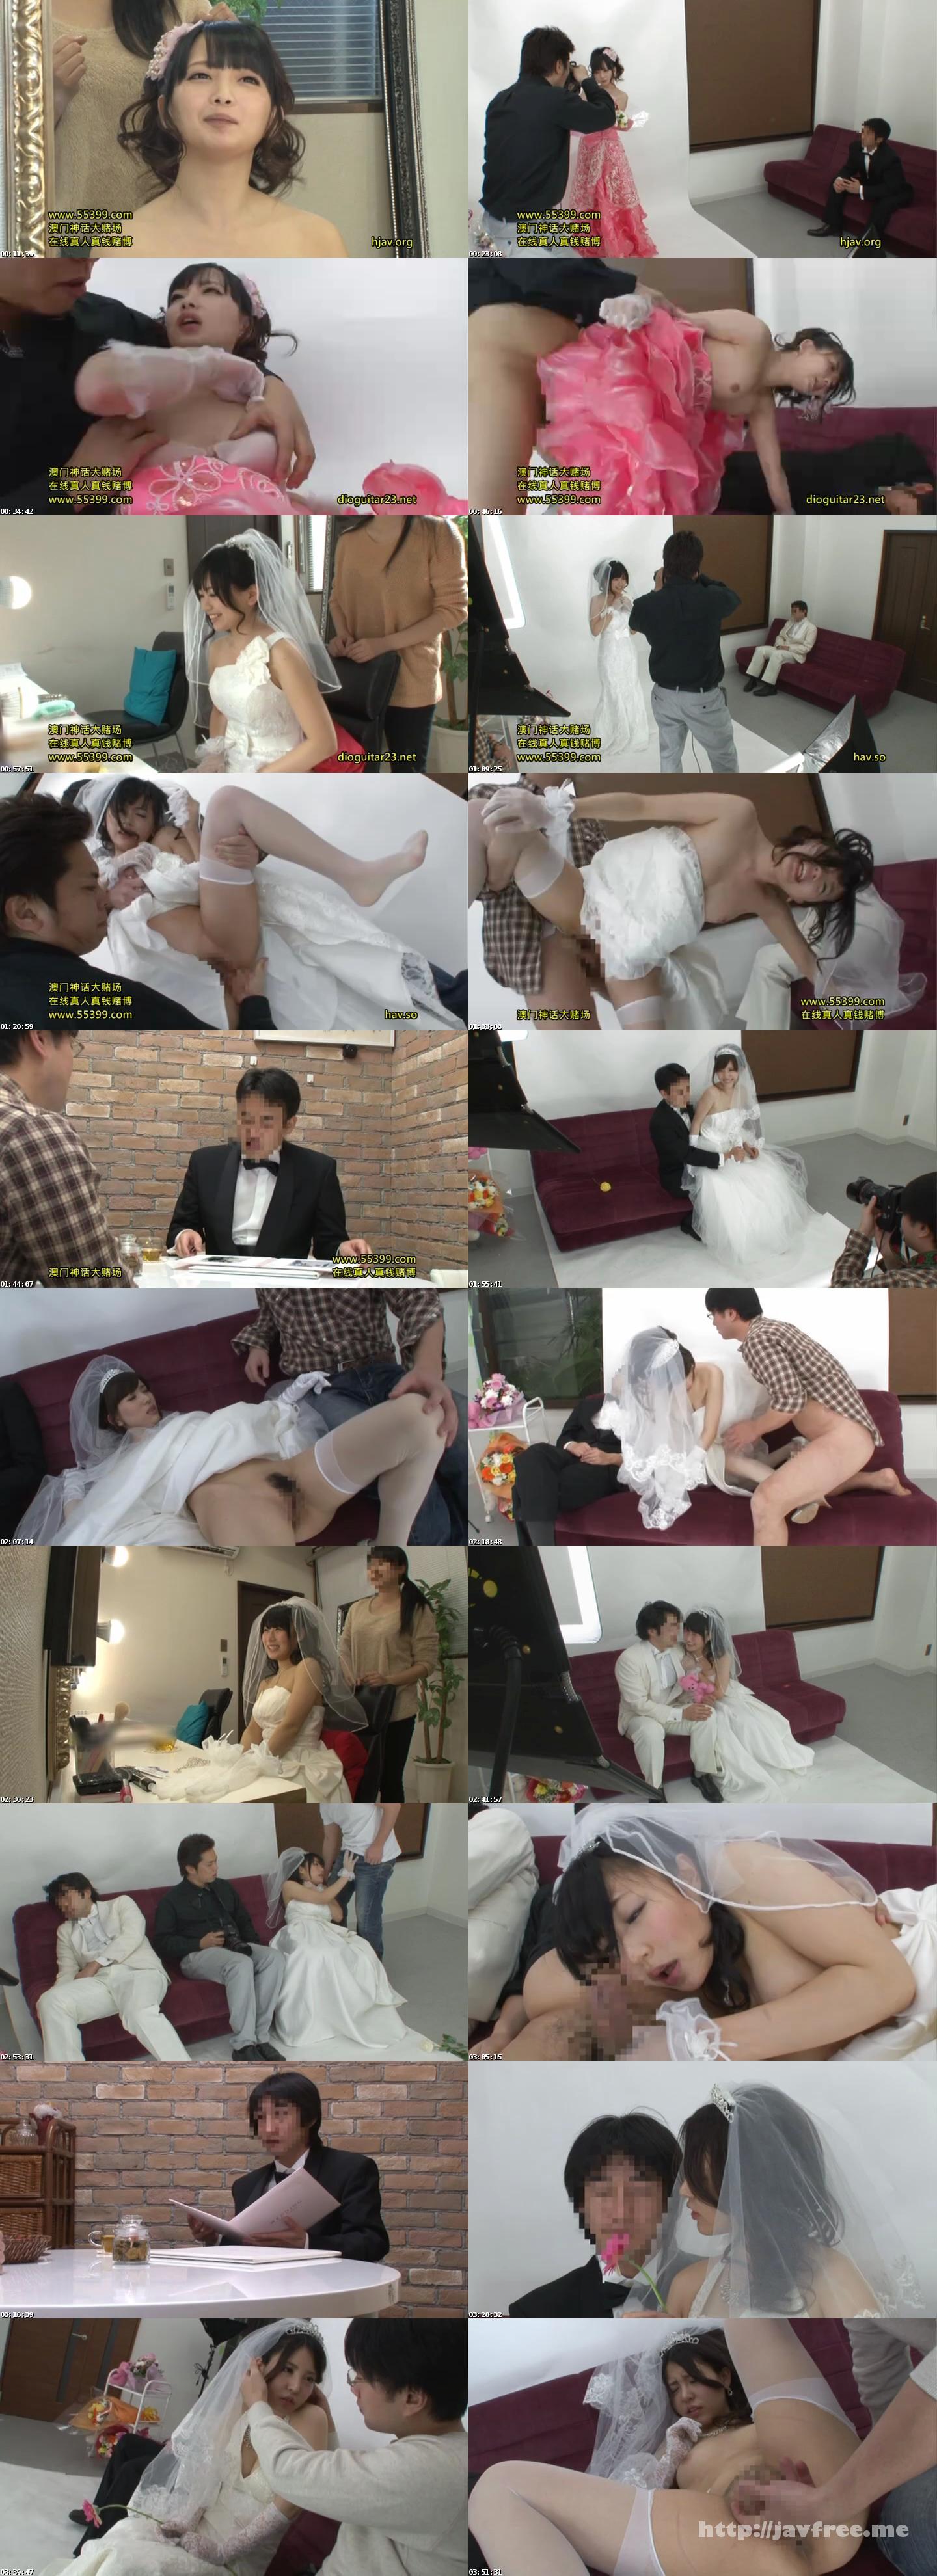 [HUNT 856] 結婚式前にウェディングドレス姿で記念写真を撮影する幸せ絶頂のカップルの花嫁に『媚薬』、新郎に『眠剤』を飲ませたら、ウェディングドレス姿の花嫁が発情!寝ている新郎の目の前で他人のチ○ポを求め、ヨダレをダラダラ流しながら腰を振りまくって初めての浮気! HUNT